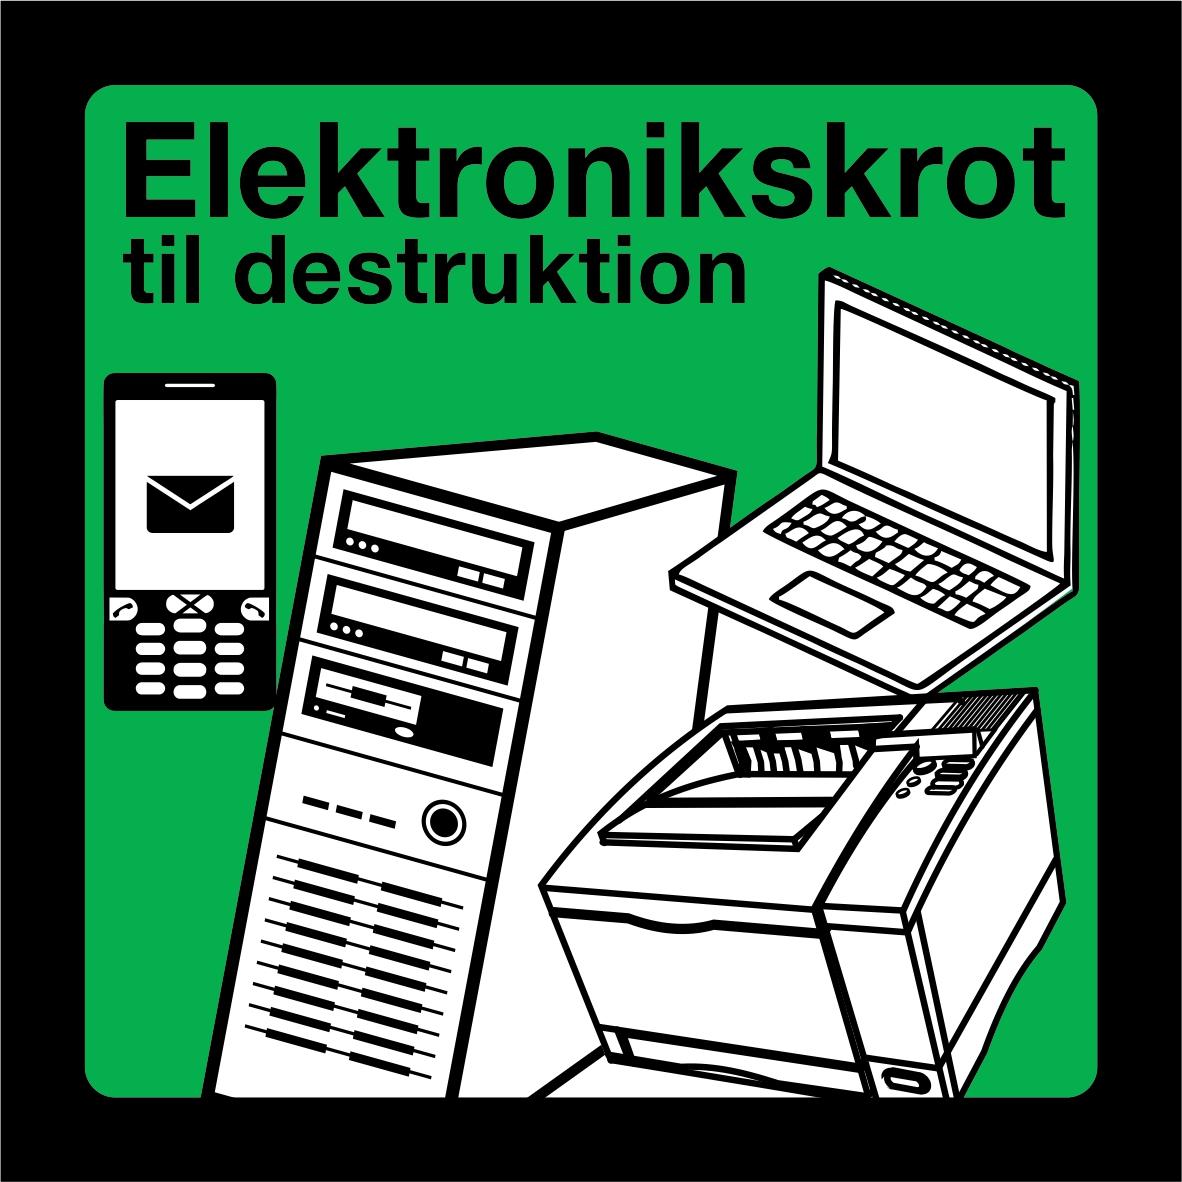 Elektronikskrot til destruktion